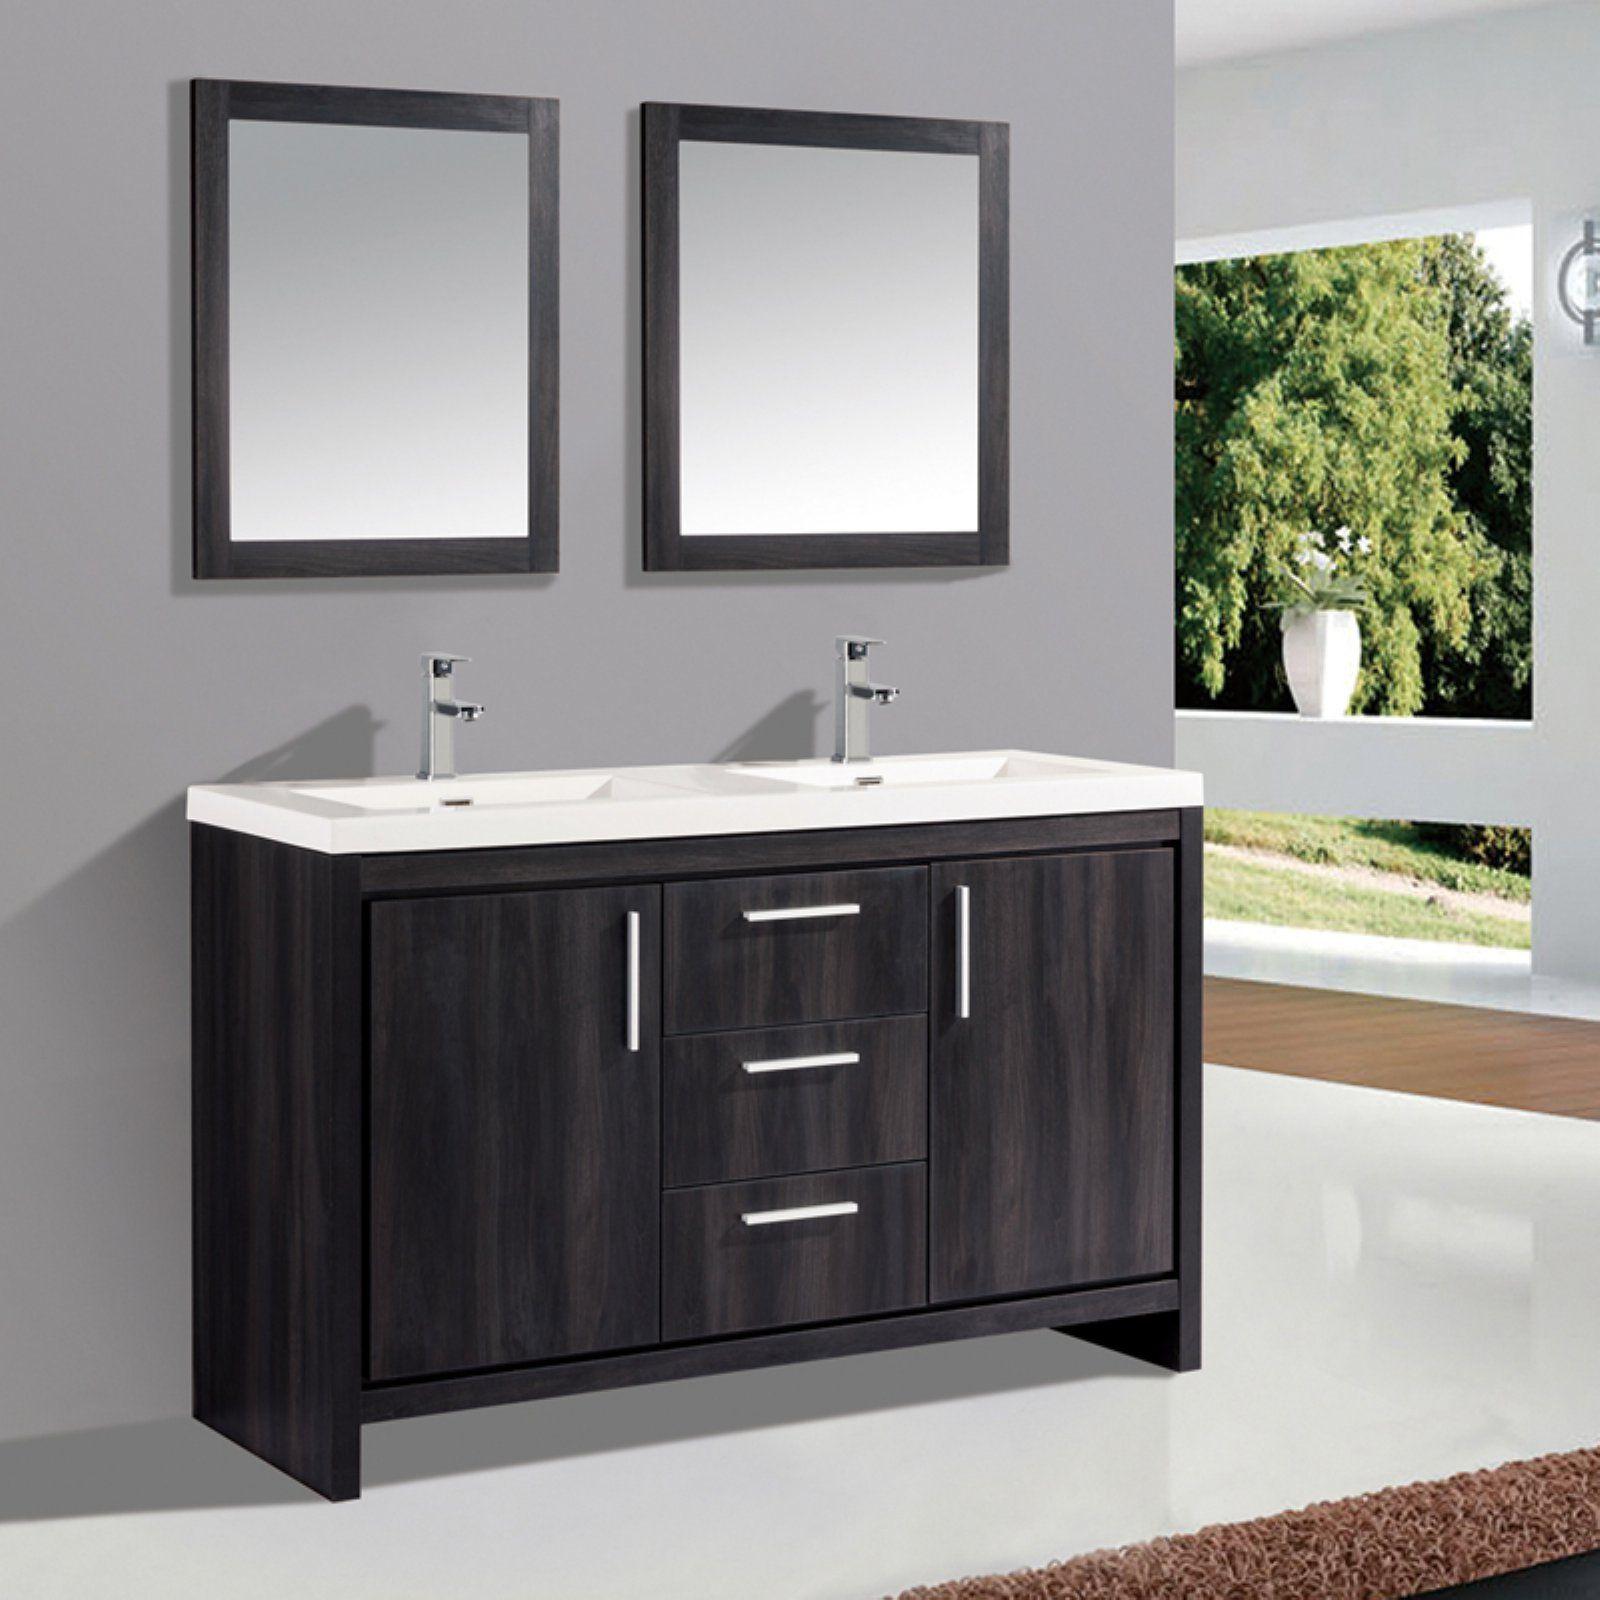 Mtd Vanities Miami 60 In Double Sink Bathroom Vanity Set Double